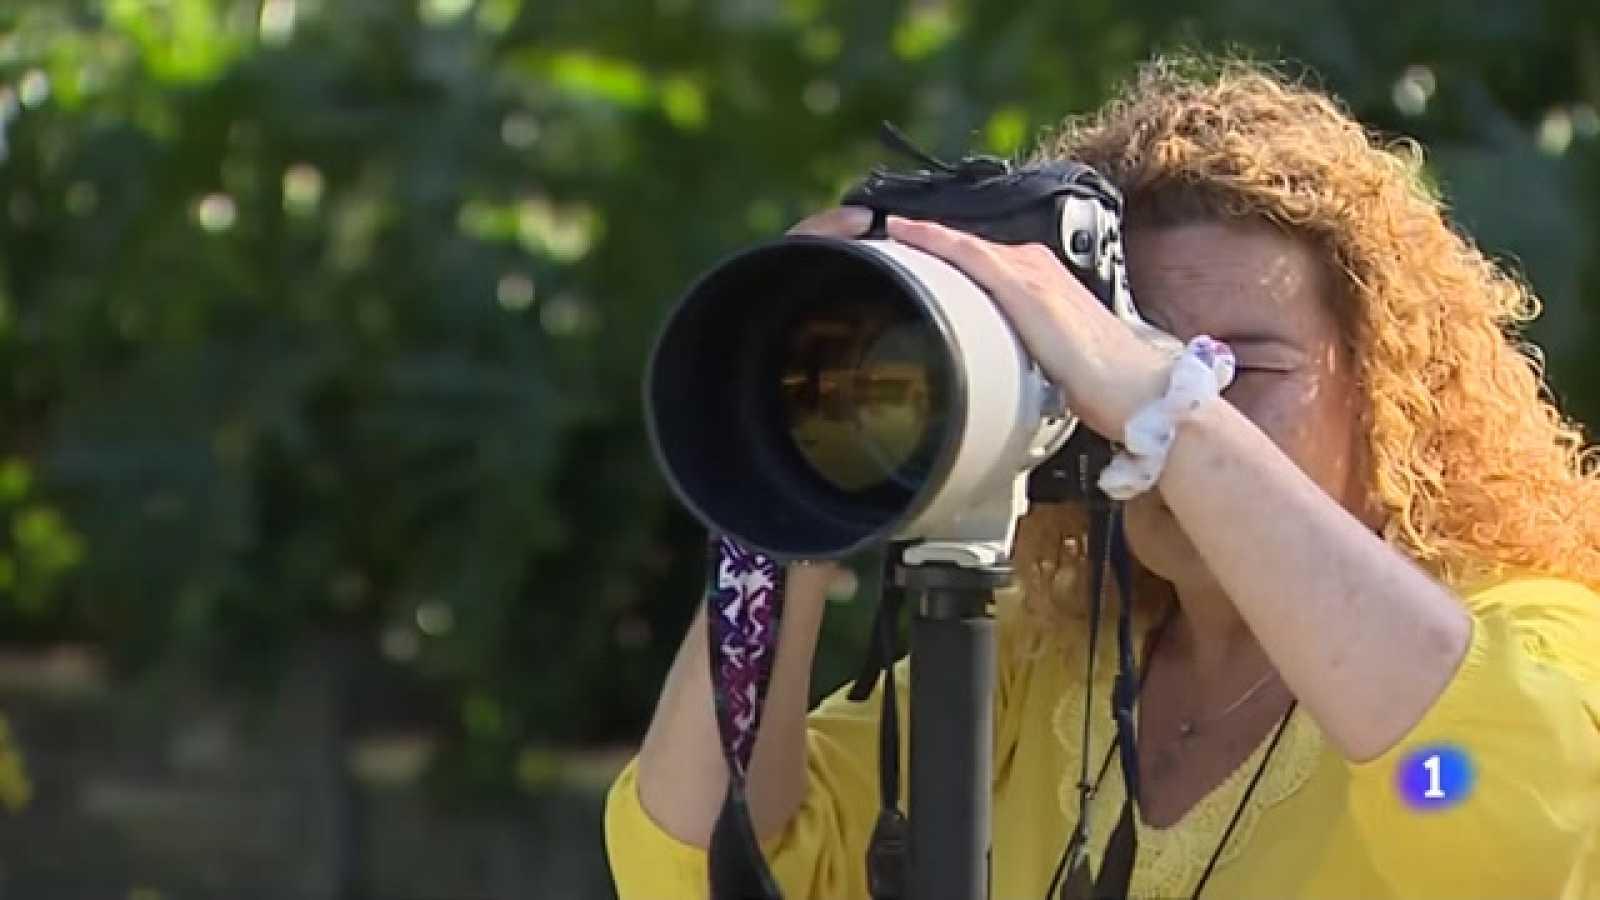 Primera mujer fotoperiodista de la agencia EFE